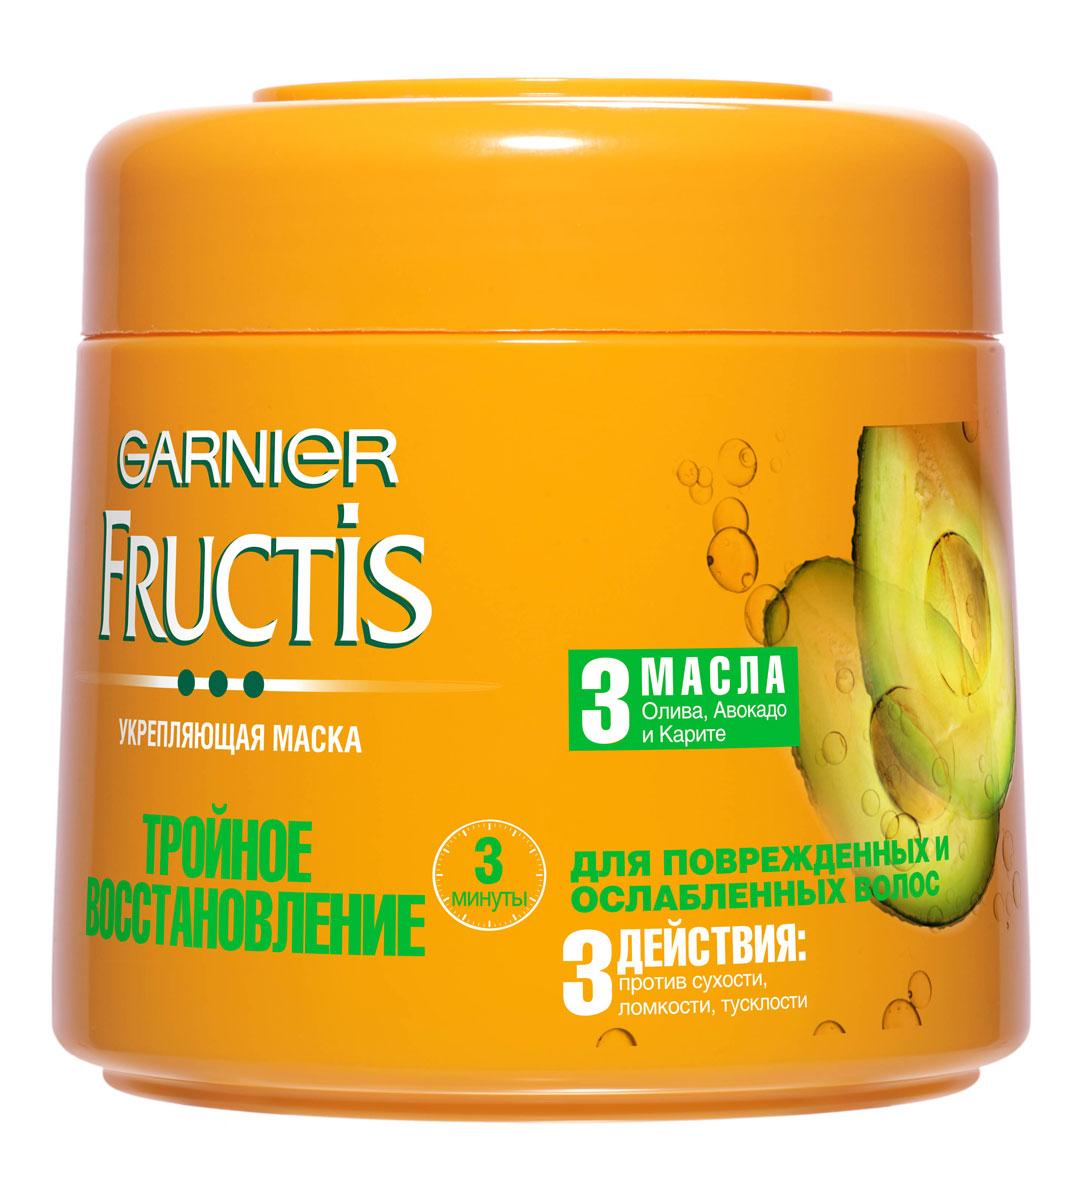 Garnier Fructis Маска для волос Фруктис, Тройное Восстановление, укрепляющая, для поврежденных и ослабленных волос, 300 мл, с маслами Оливы, Авокадо и КаритеC3452019Маска для волос сила трех масел для Тройного Восстановления. 3 масла проникают в каждый слой волоса, глубоко восстанавливают и укрепляют его изнутри. Секрет формулы: Масло оливы: возвращает волосам здоровый блеск. Масло авокадо: придает мягкость. Масло карите: делает волосы более шелковистыми. Измерено и доказано: волосы в 2 раза более сильные, более блестящие и шелковистые. Волосы мягкие, шелковистые и невероятно блестящие.Уважаемые клиенты! Обращаем ваше внимание на возможные изменения в дизайне упаковки. Качественные характеристики товара остаются неизменными. Поставка осуществляется в зависимости от наличия на складе.